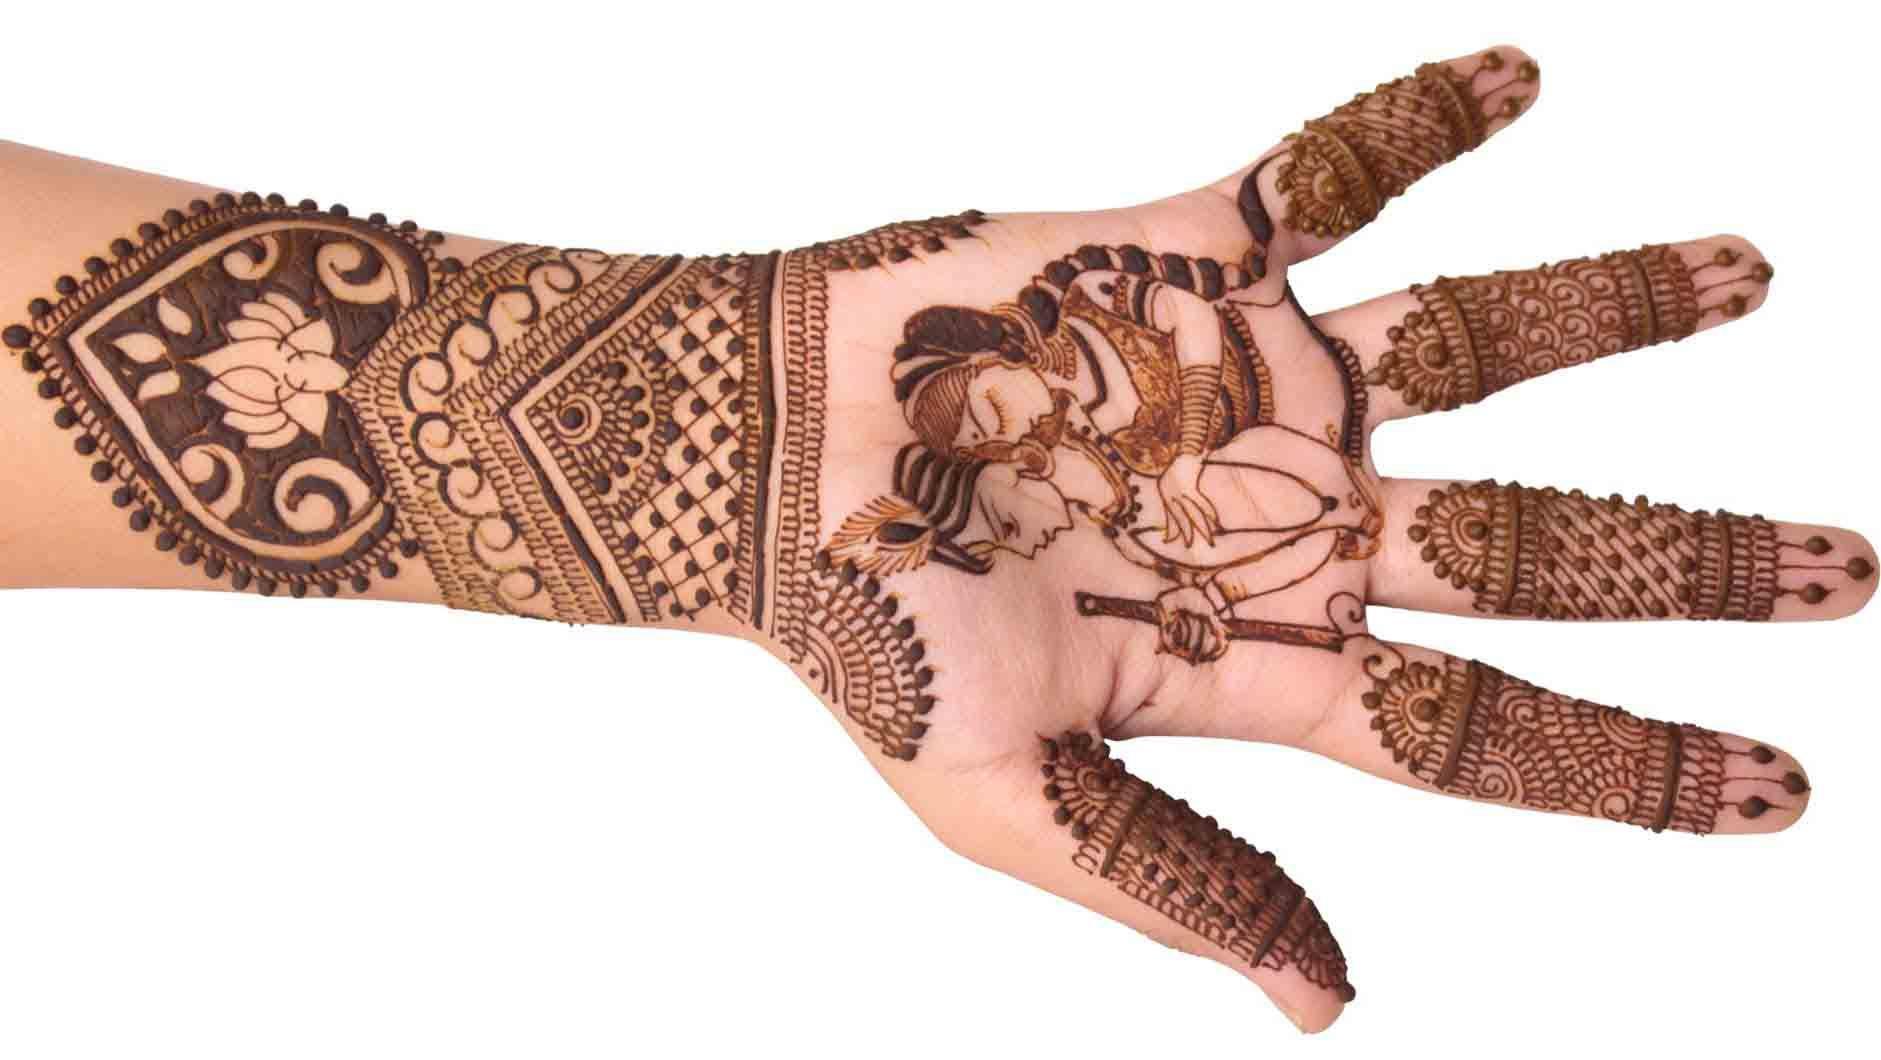 Mehndi Designs Mehndi Design : Radha krishna designer mehndi #mehndidesign #henna #hennadesign